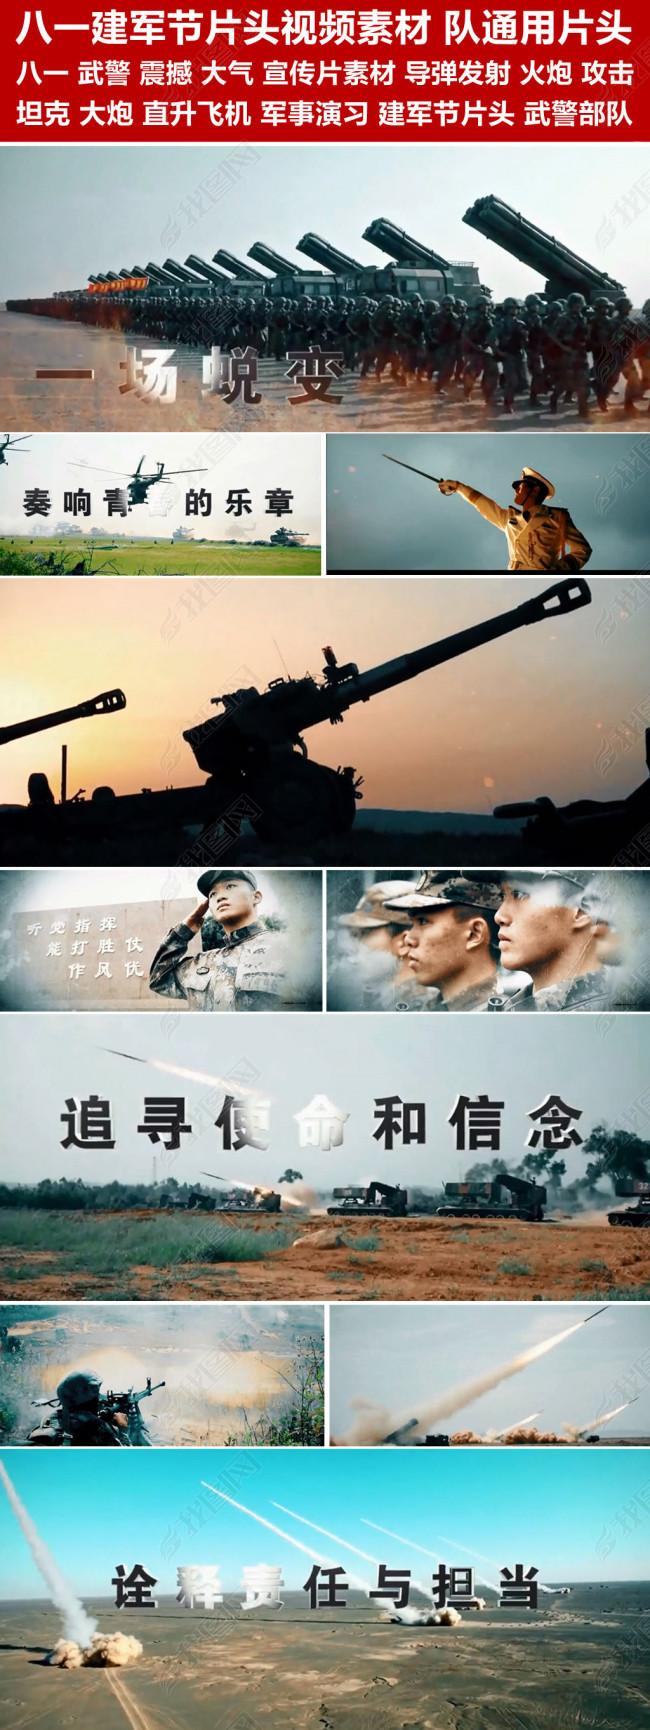 八一建军节视频素材八一建军节片头武警部队